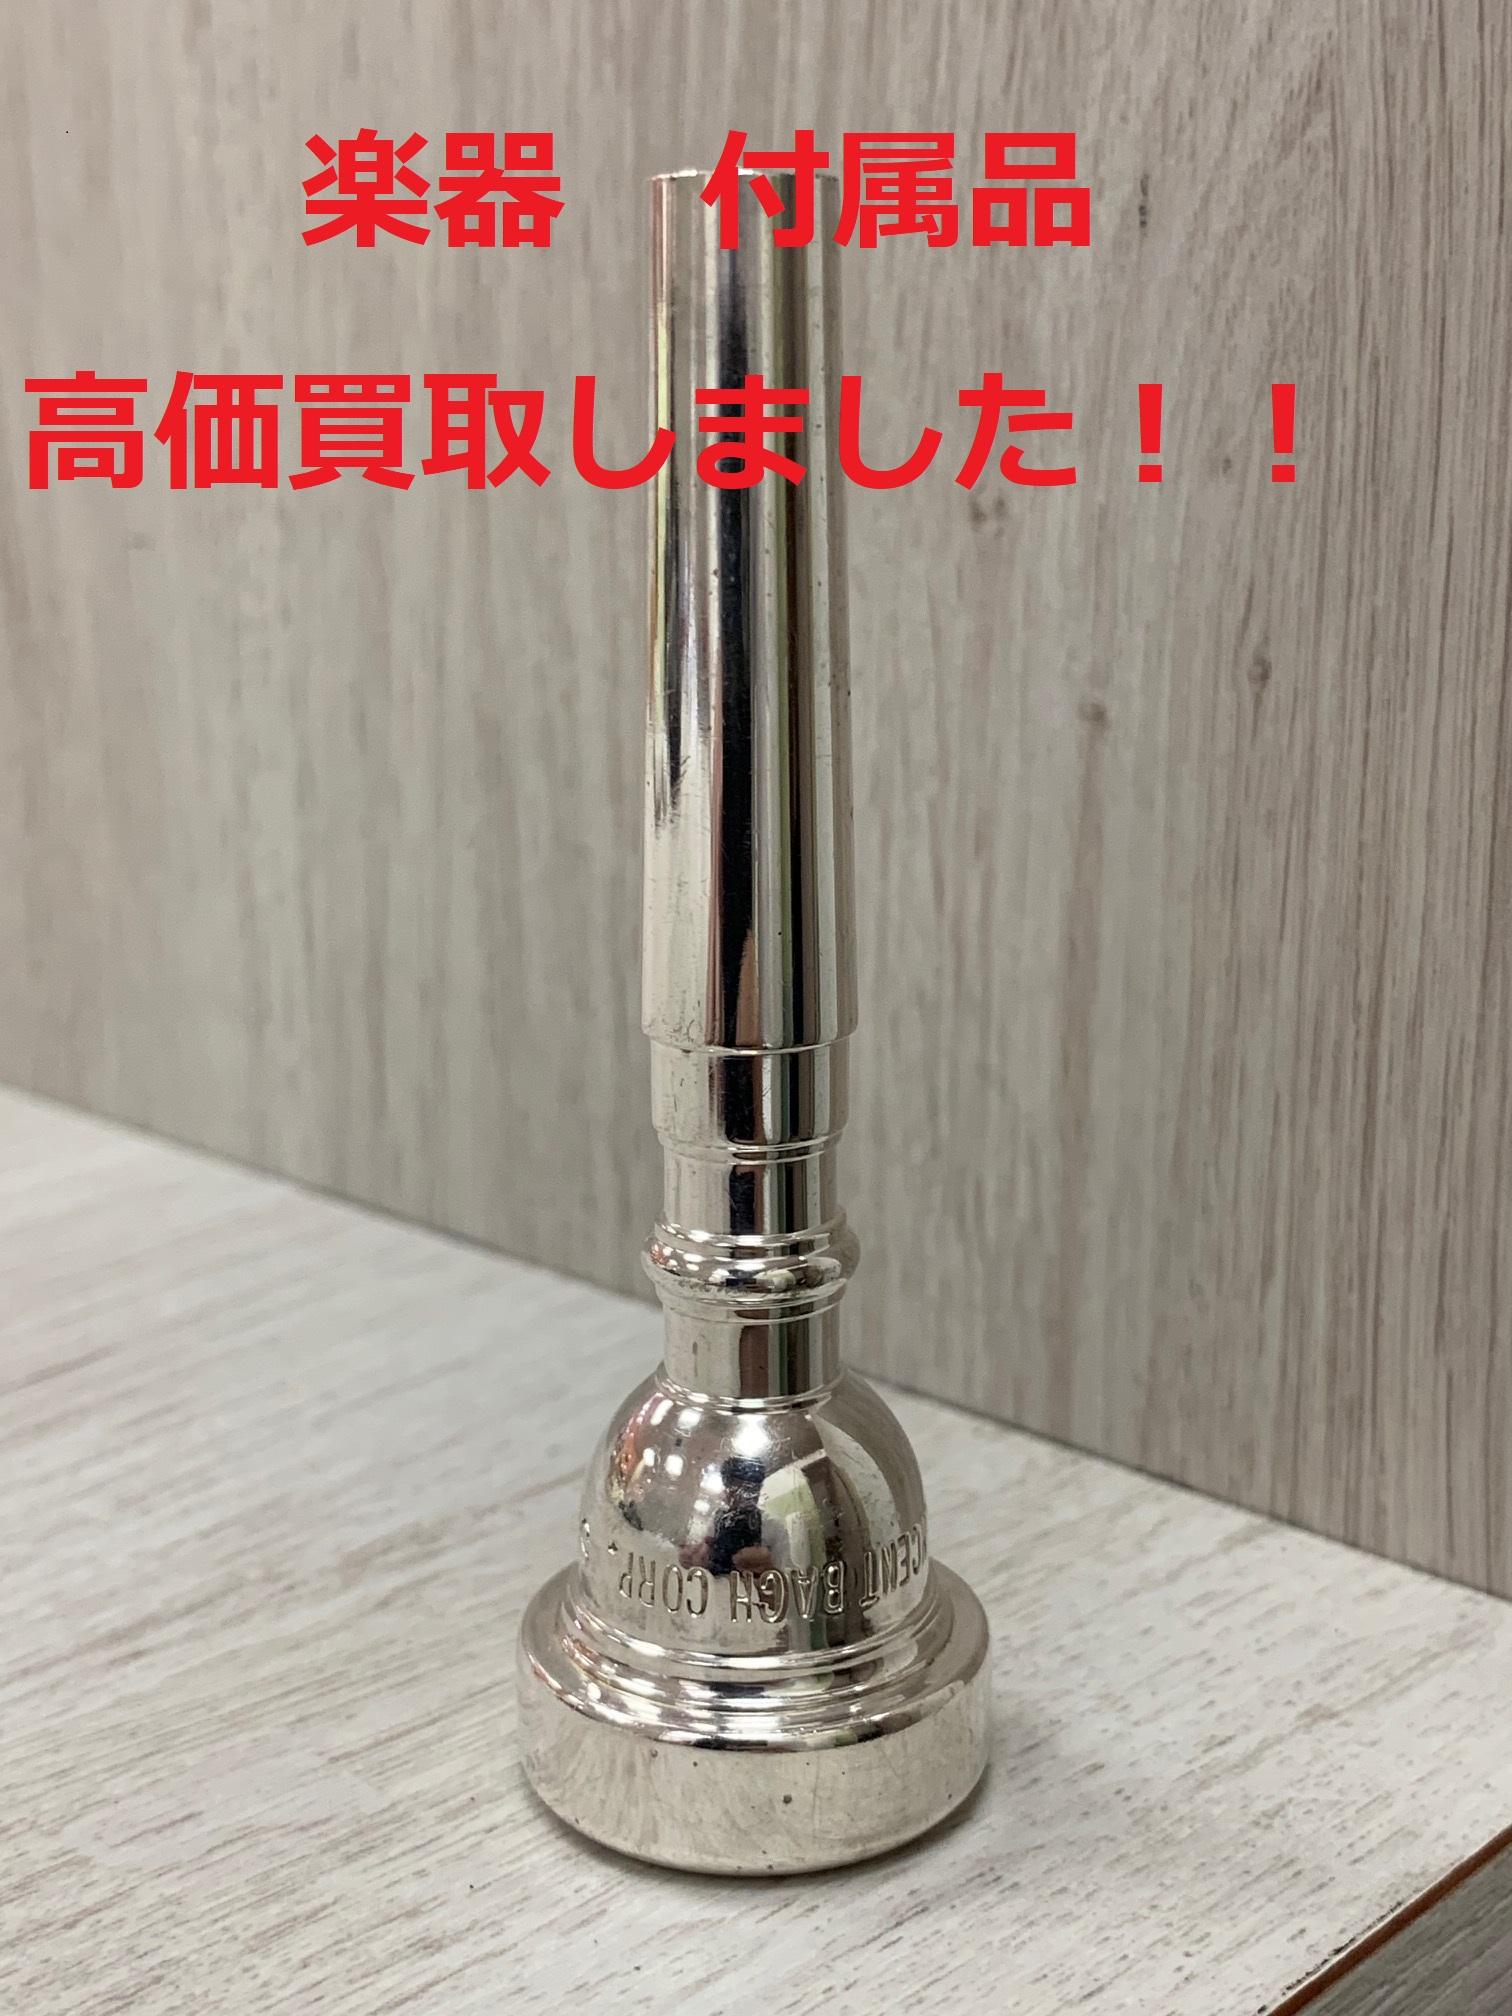 買取わかばイオン藤沢湘南ライフタウン店楽器付属品高価買取させて頂きました!破損した楽器・付属品が無い楽器なども大大大歓迎です!!